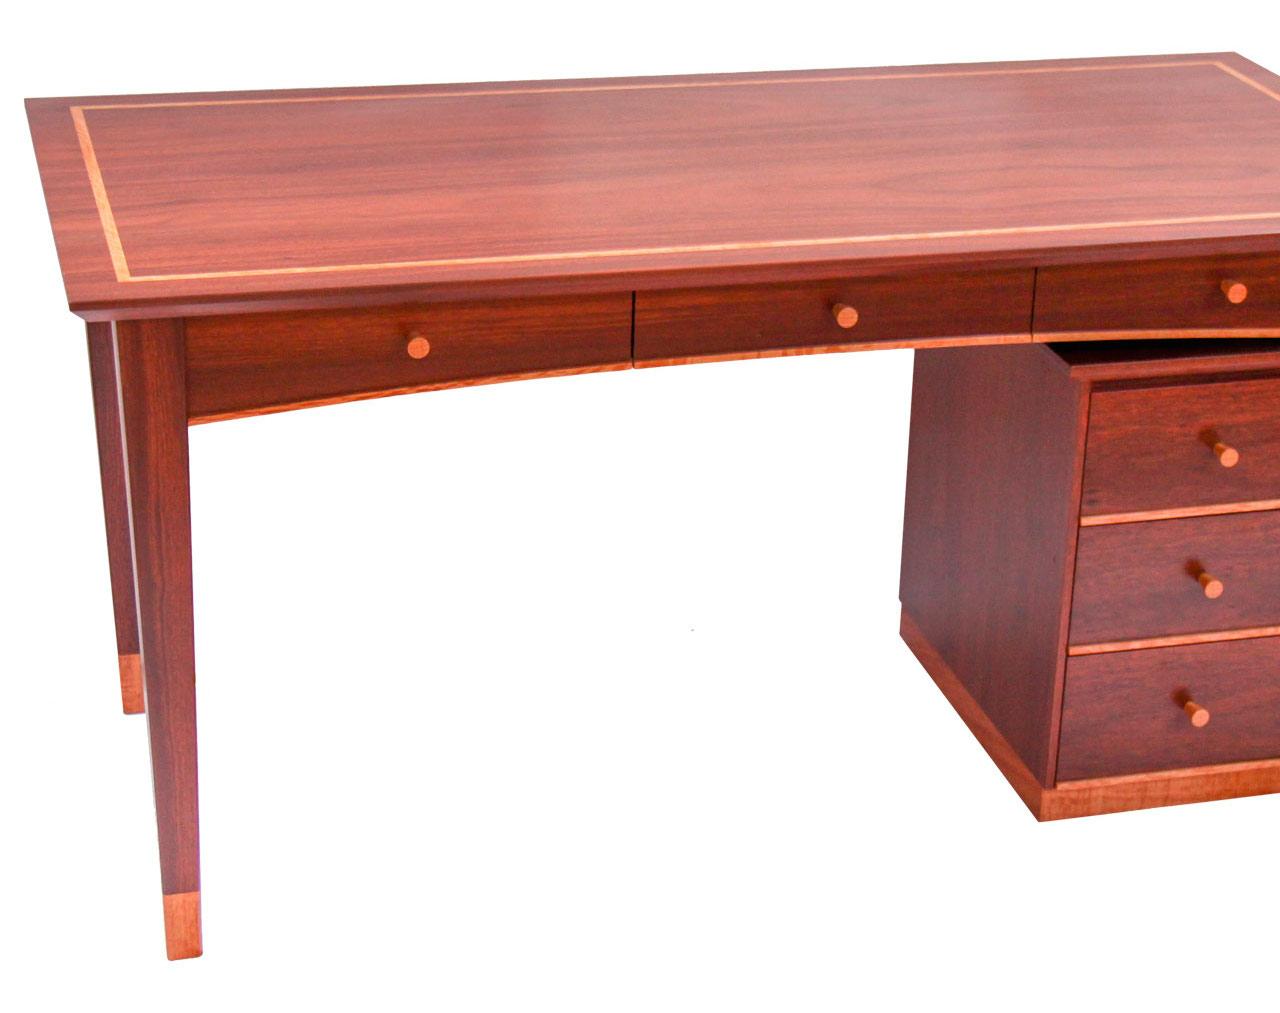 Jarrah Desk & Drawers Margaret River Cowaramup Busselton Perth